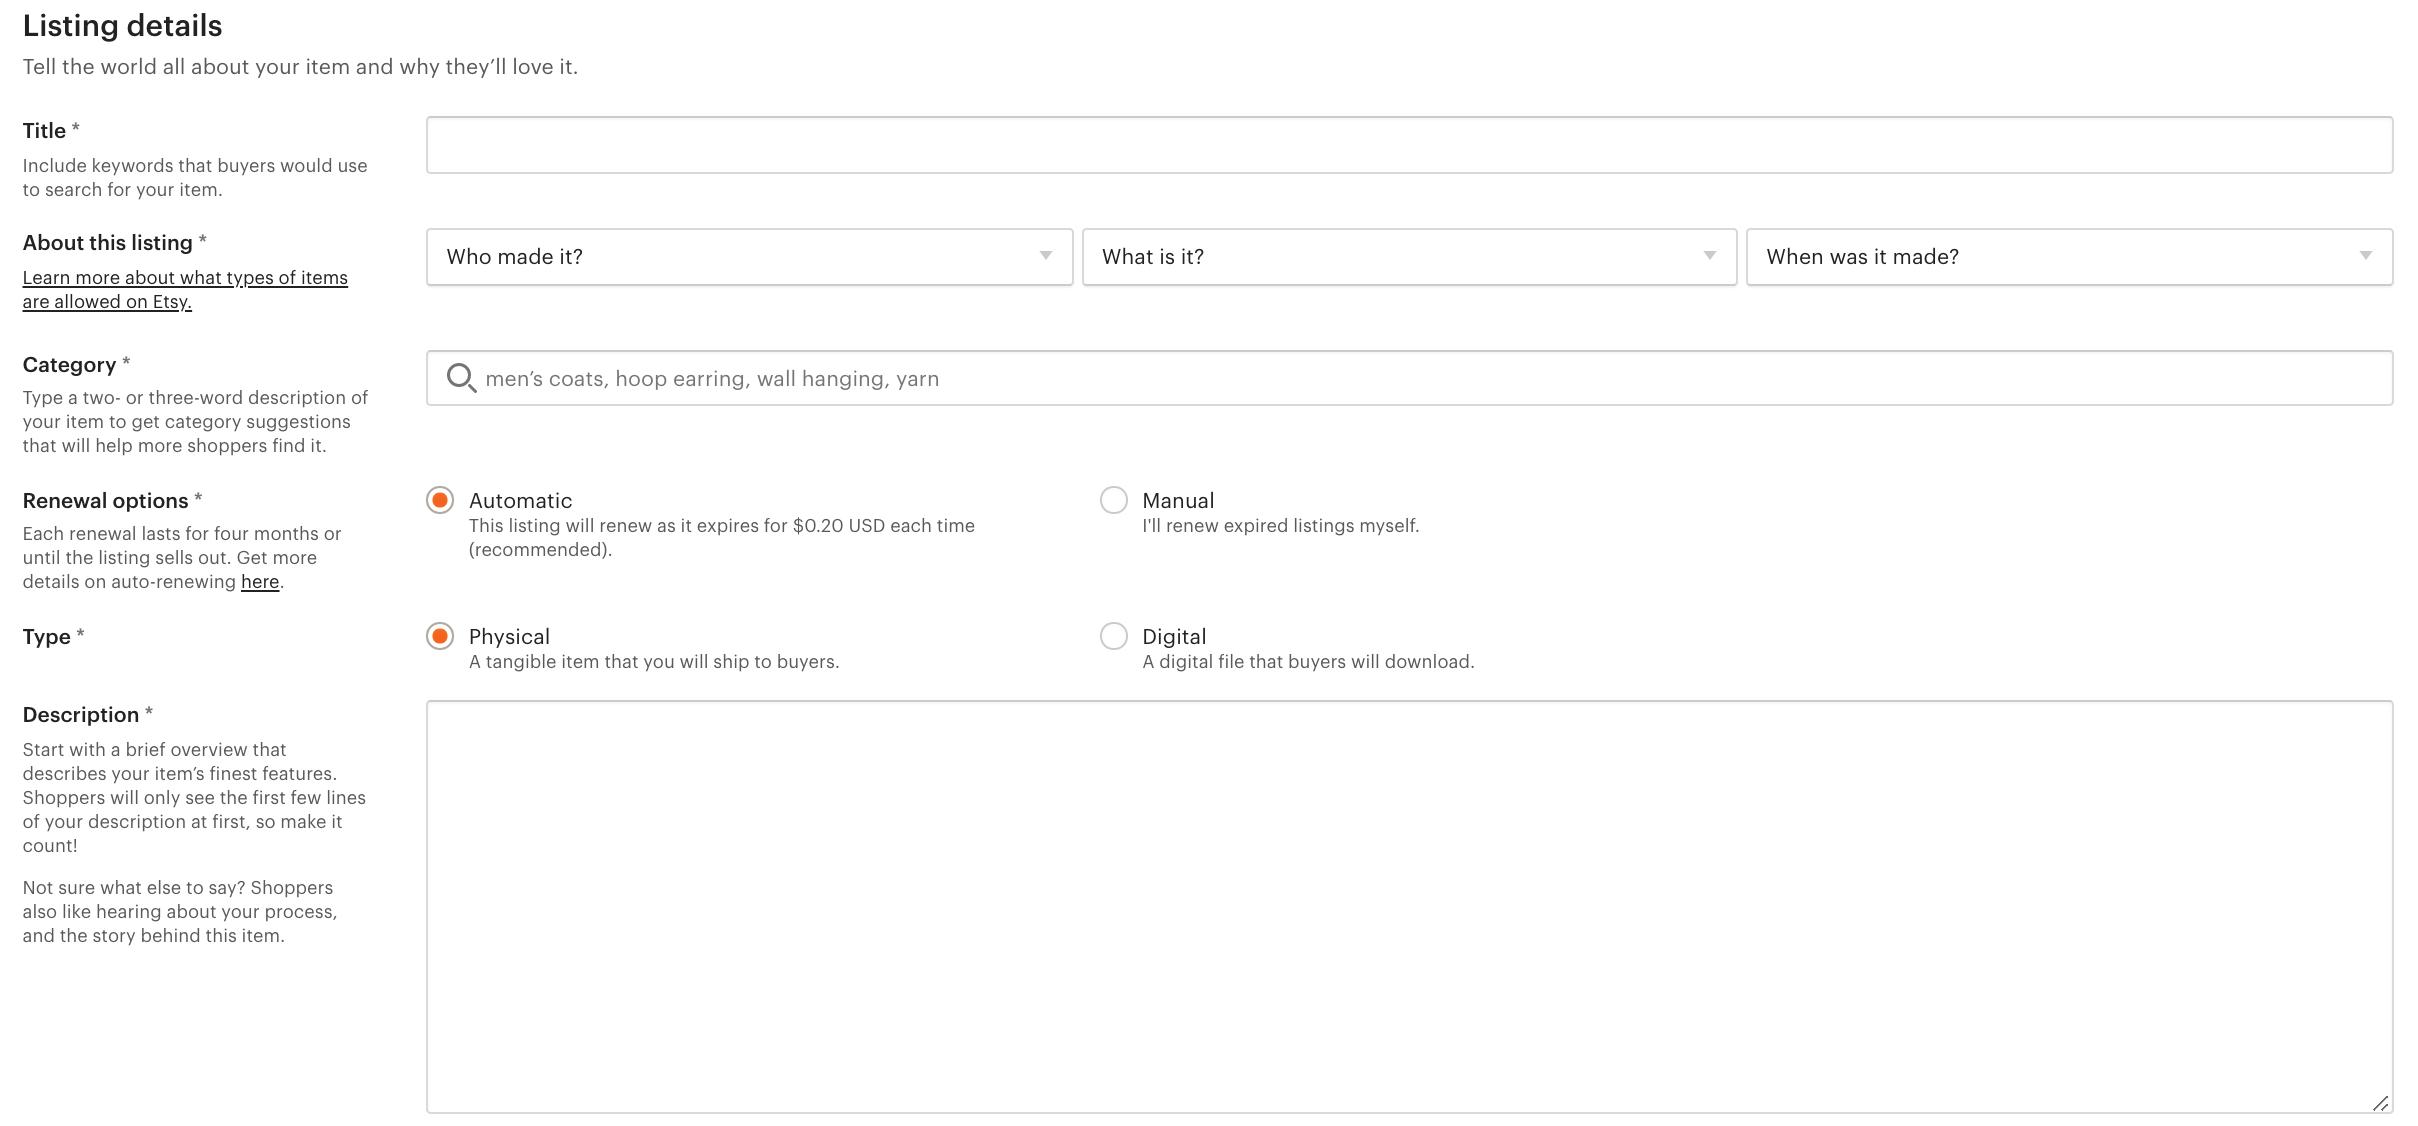 Etsy listing details form